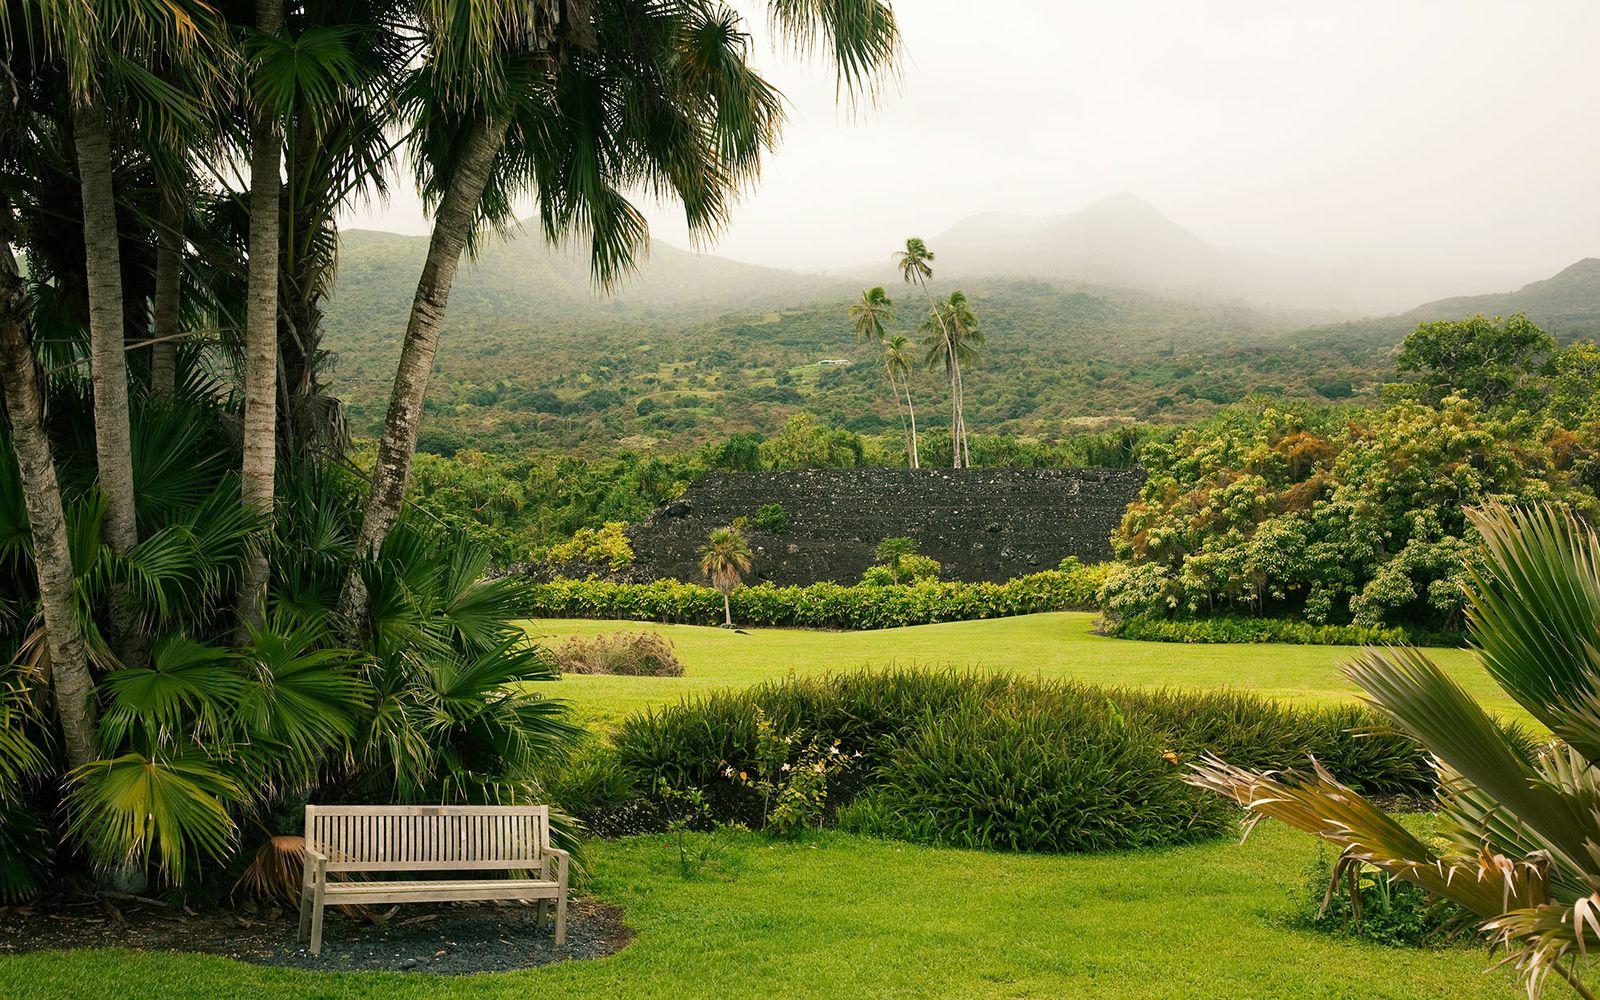 6f1dabe84fe3b9595415f792a5be0edf - Hana Maui Botanical Gardens Hana Hi